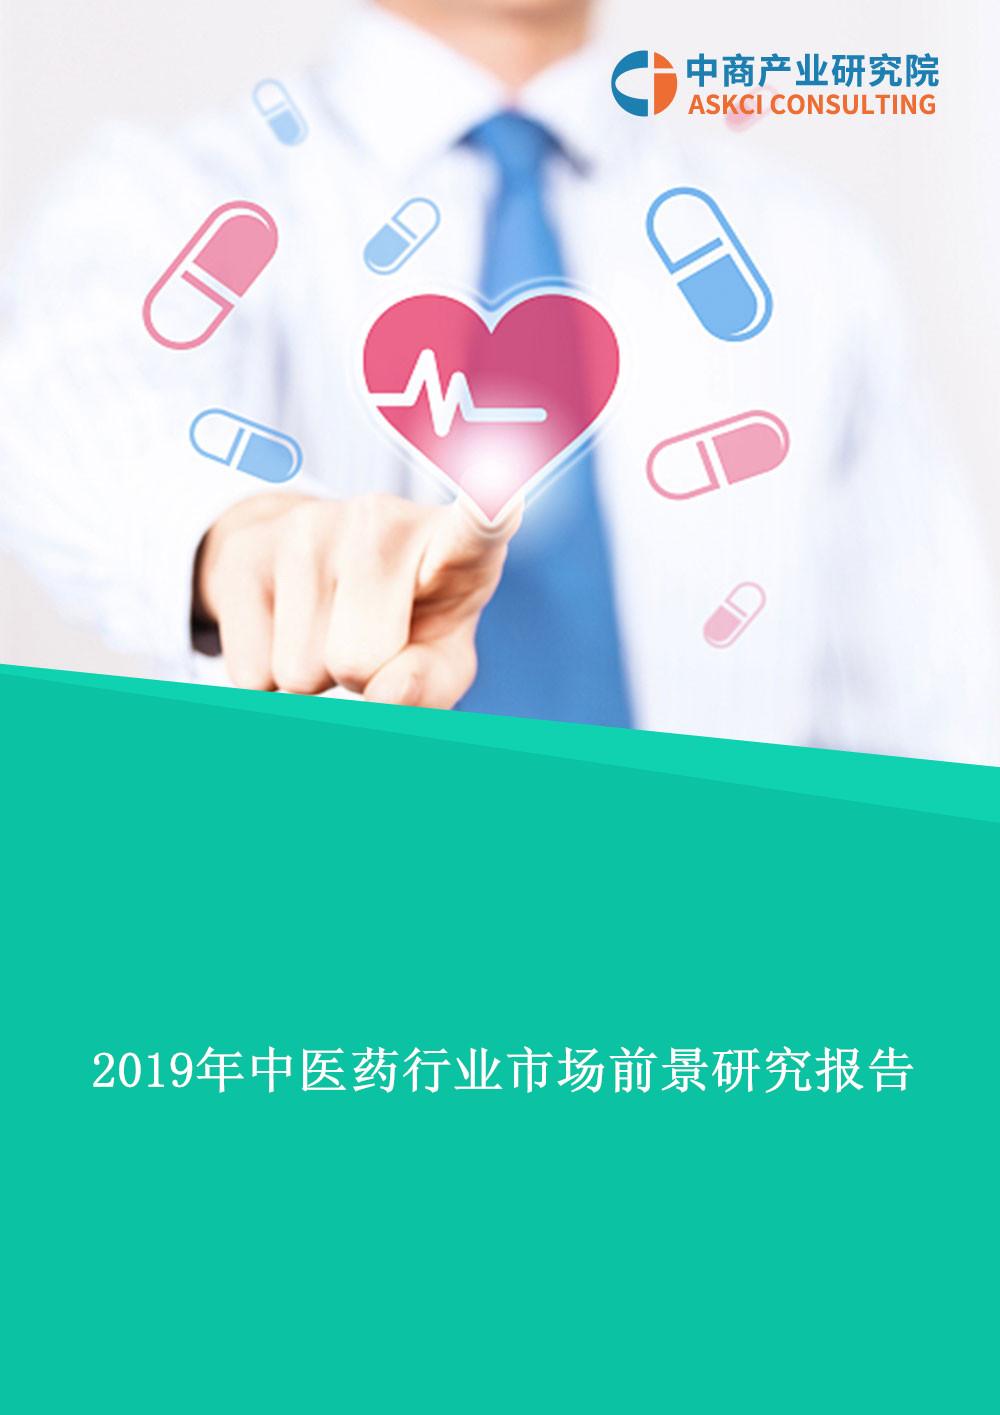 大健康系列:2019年中医药行业市场前景研究报告